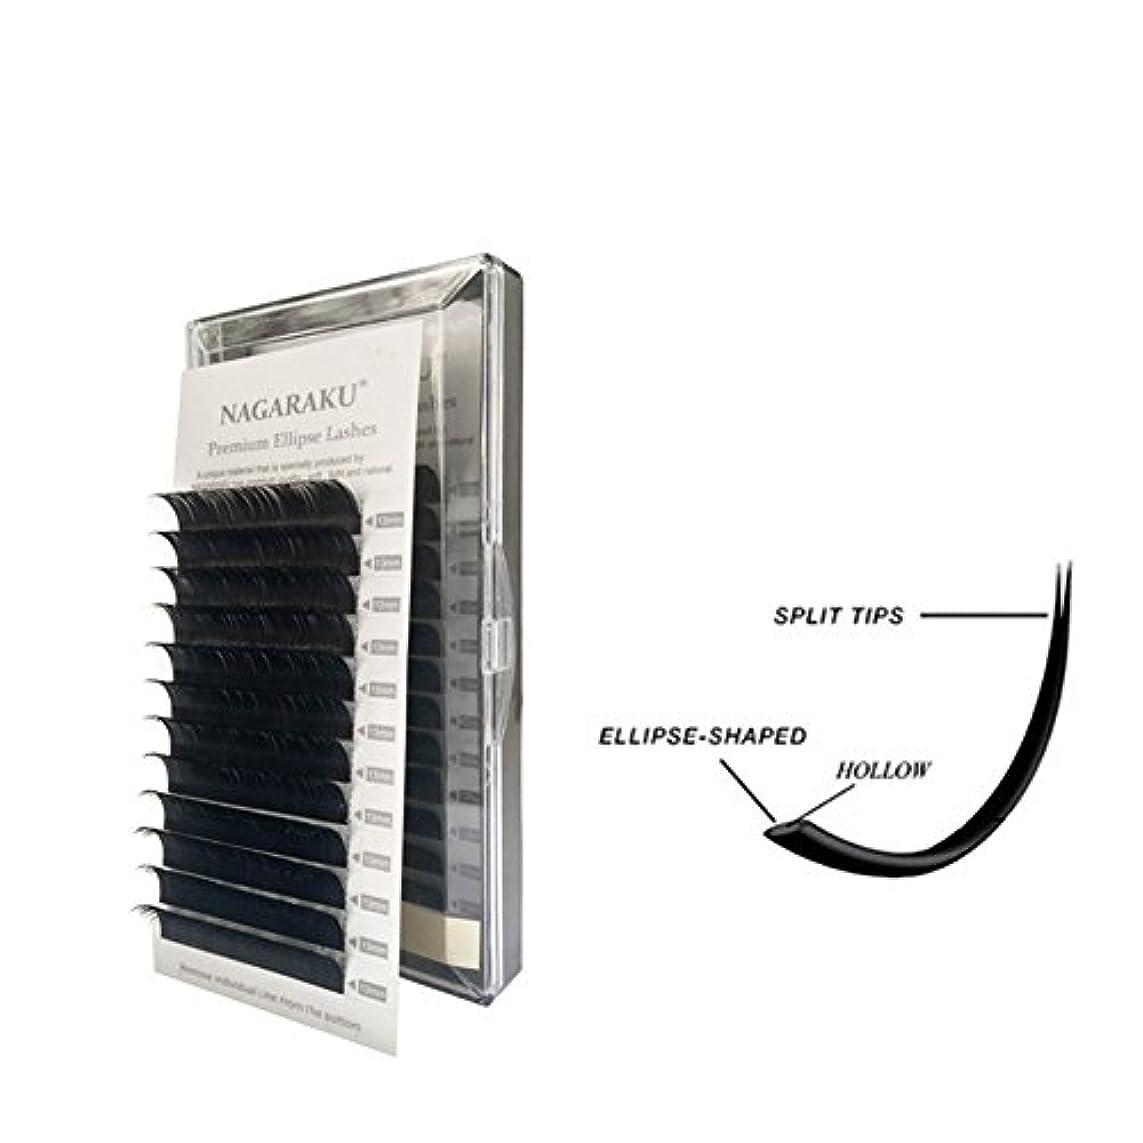 いつも水素なすNAGARAKU ellipse lashes 太さ0.20mm まつげエクステ まつげエクステンション マツエク